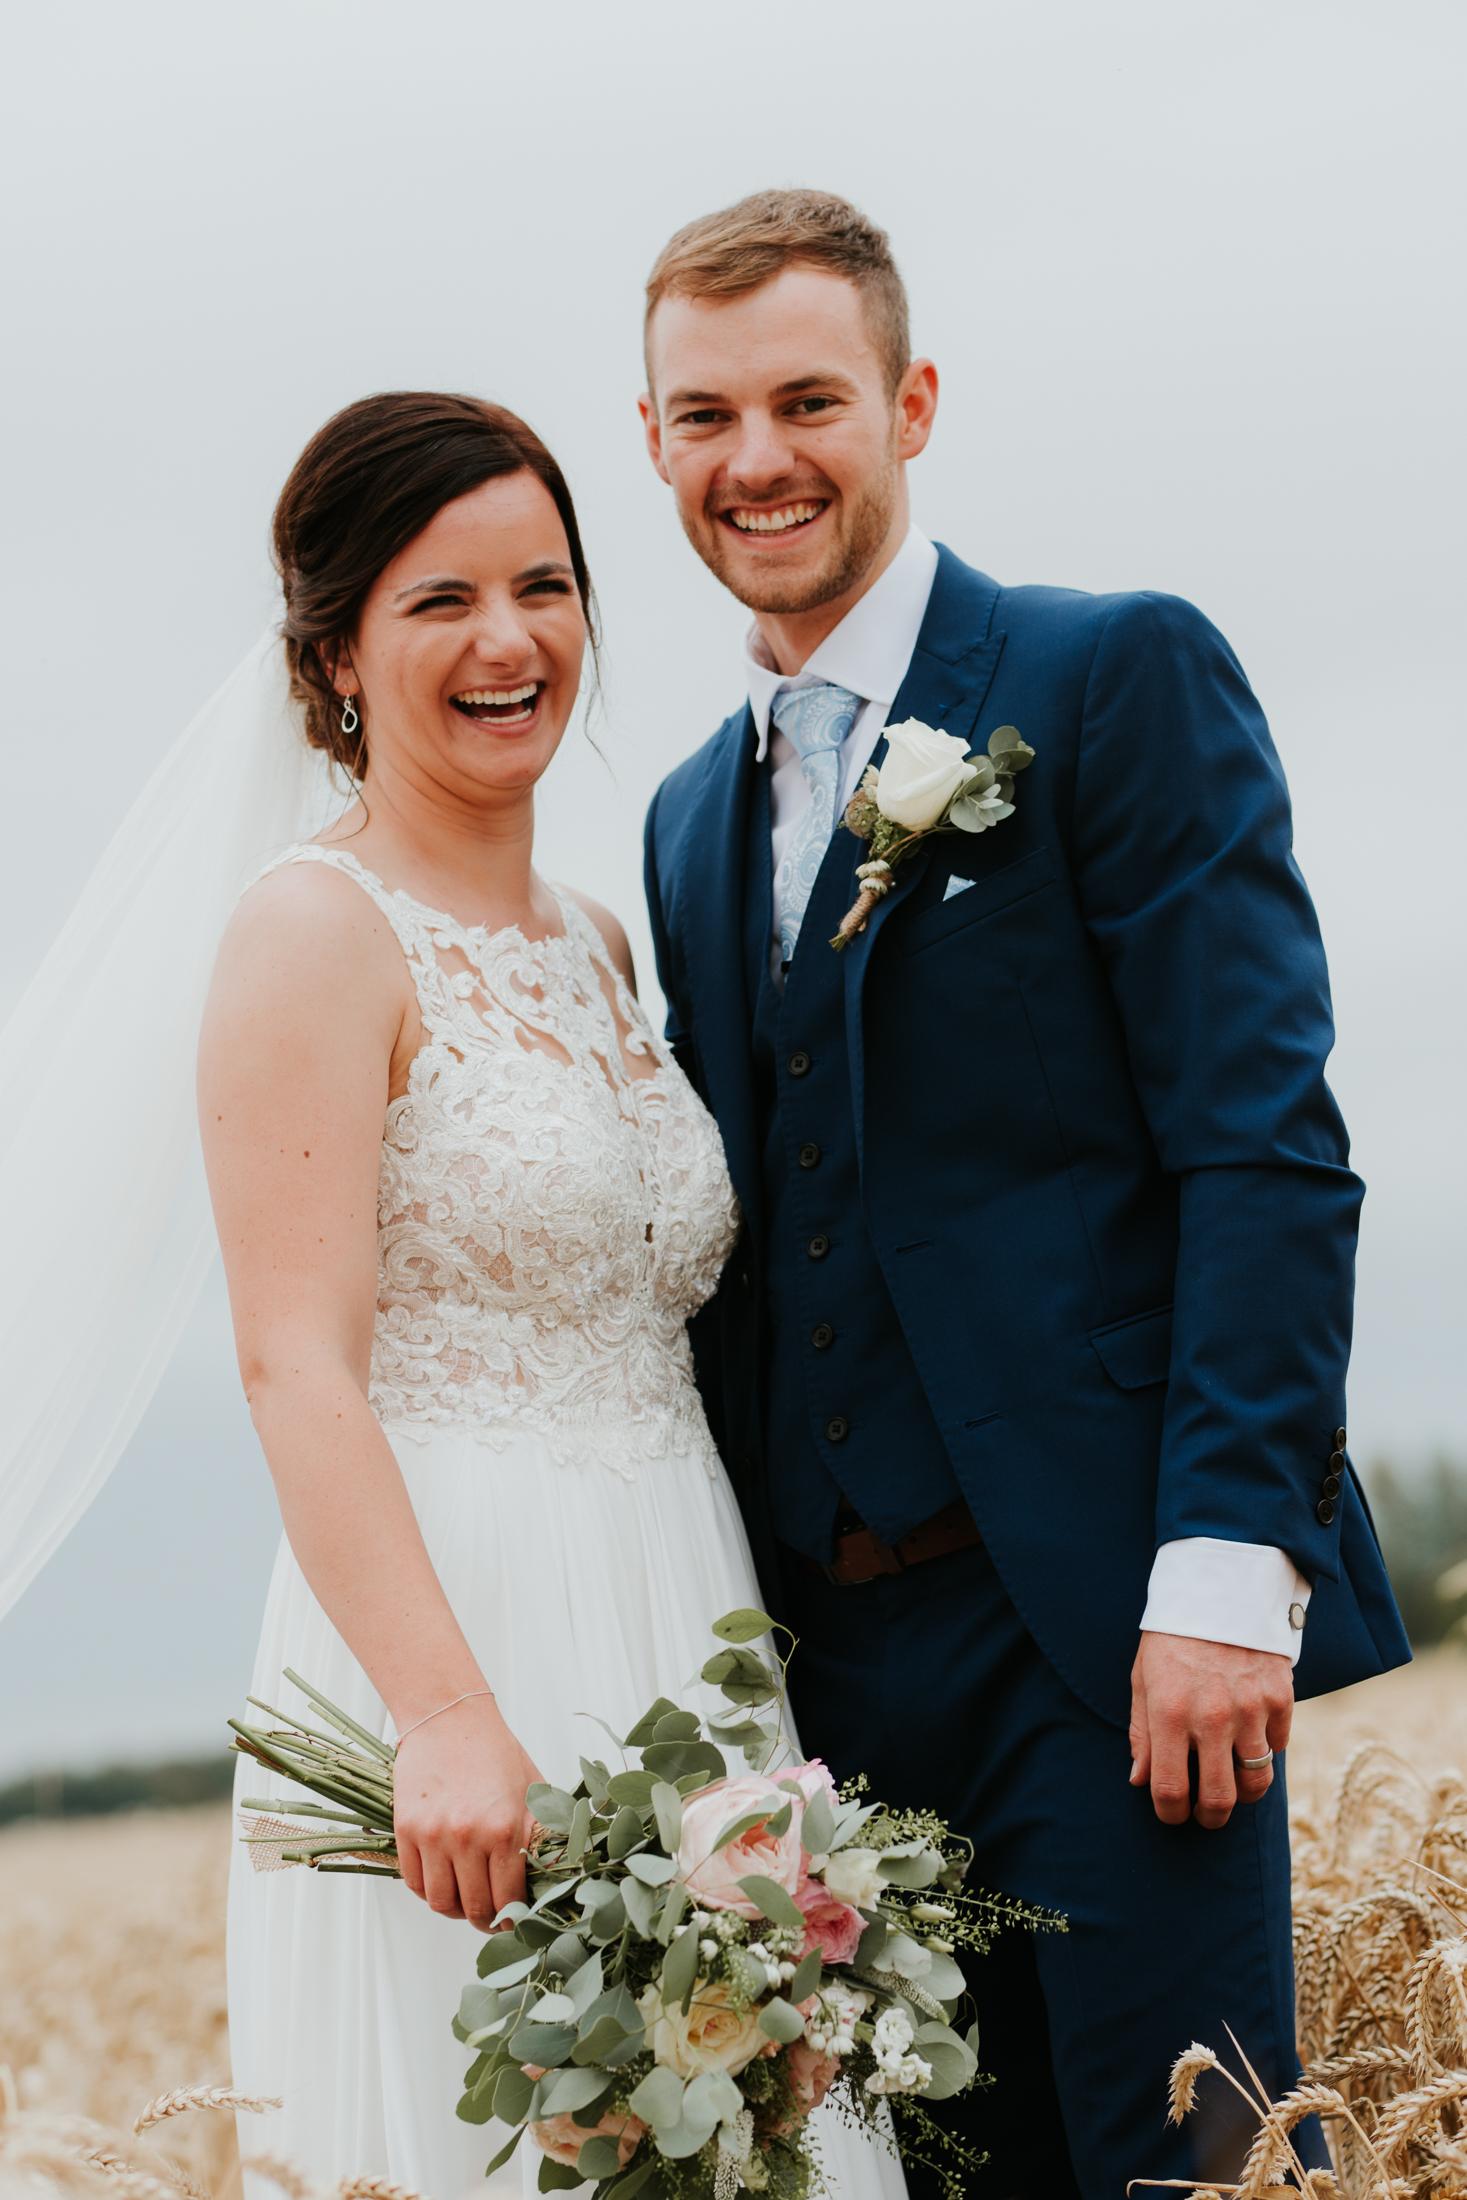 outdoor wedding photographer Berkshire